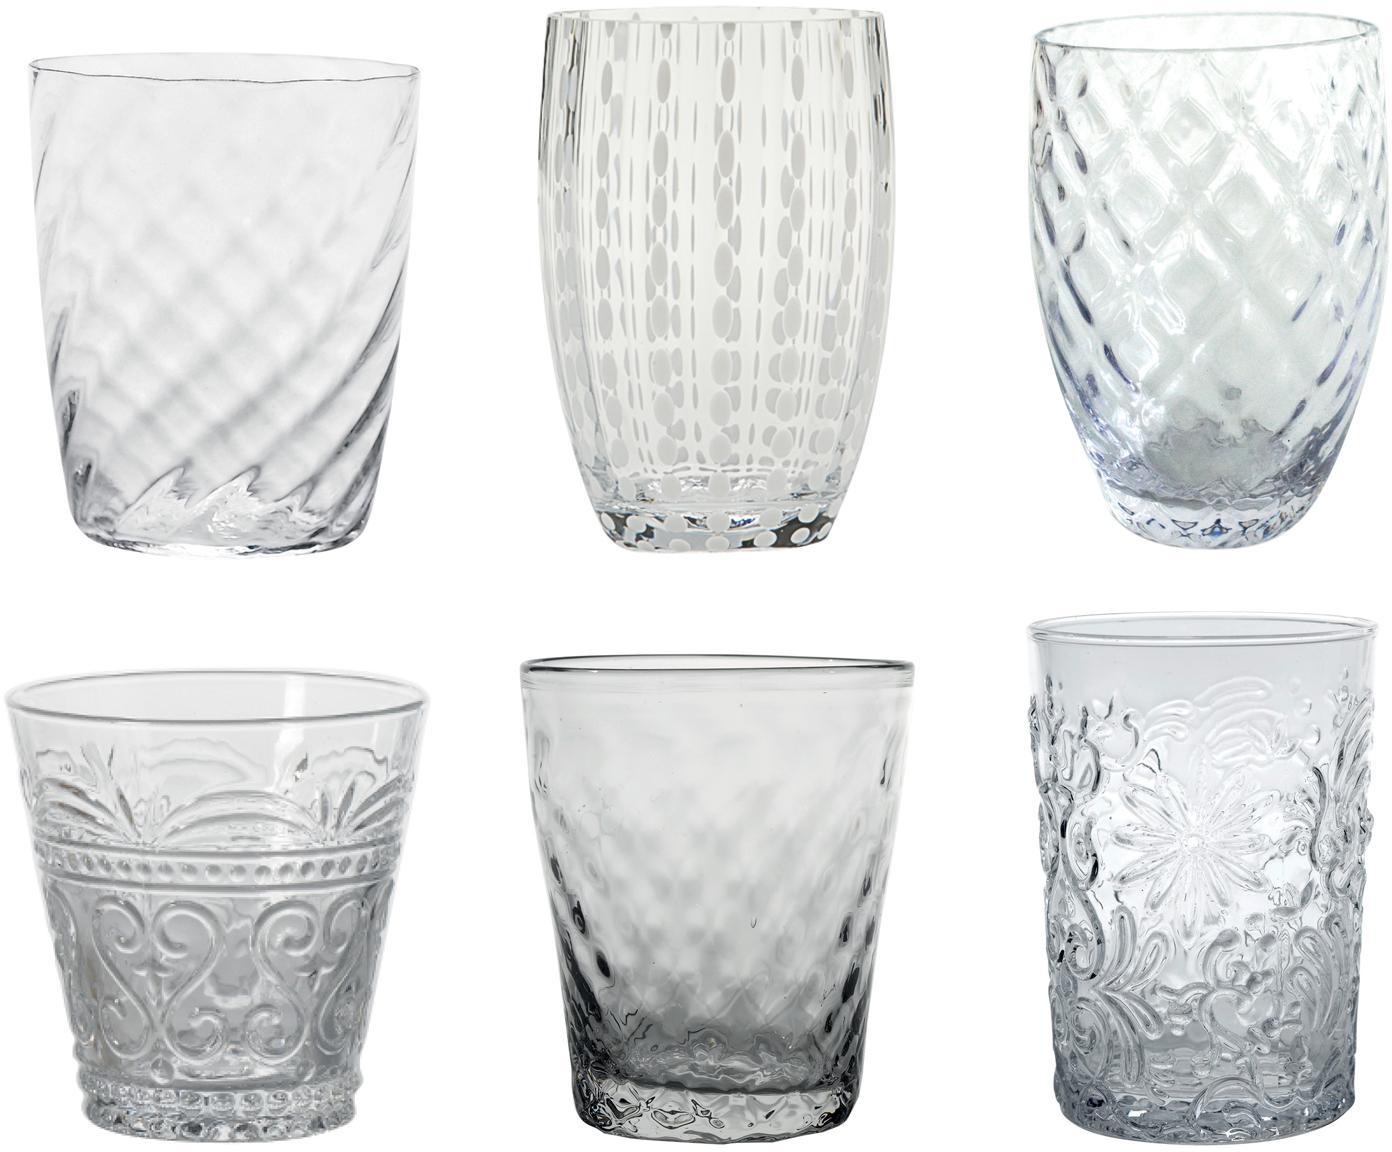 Komplet szklanek do wody ze szkła dmuchanego Melting Pot Calm, 6 elem., Szkło, Transparentny, biały, Różne rozmiary